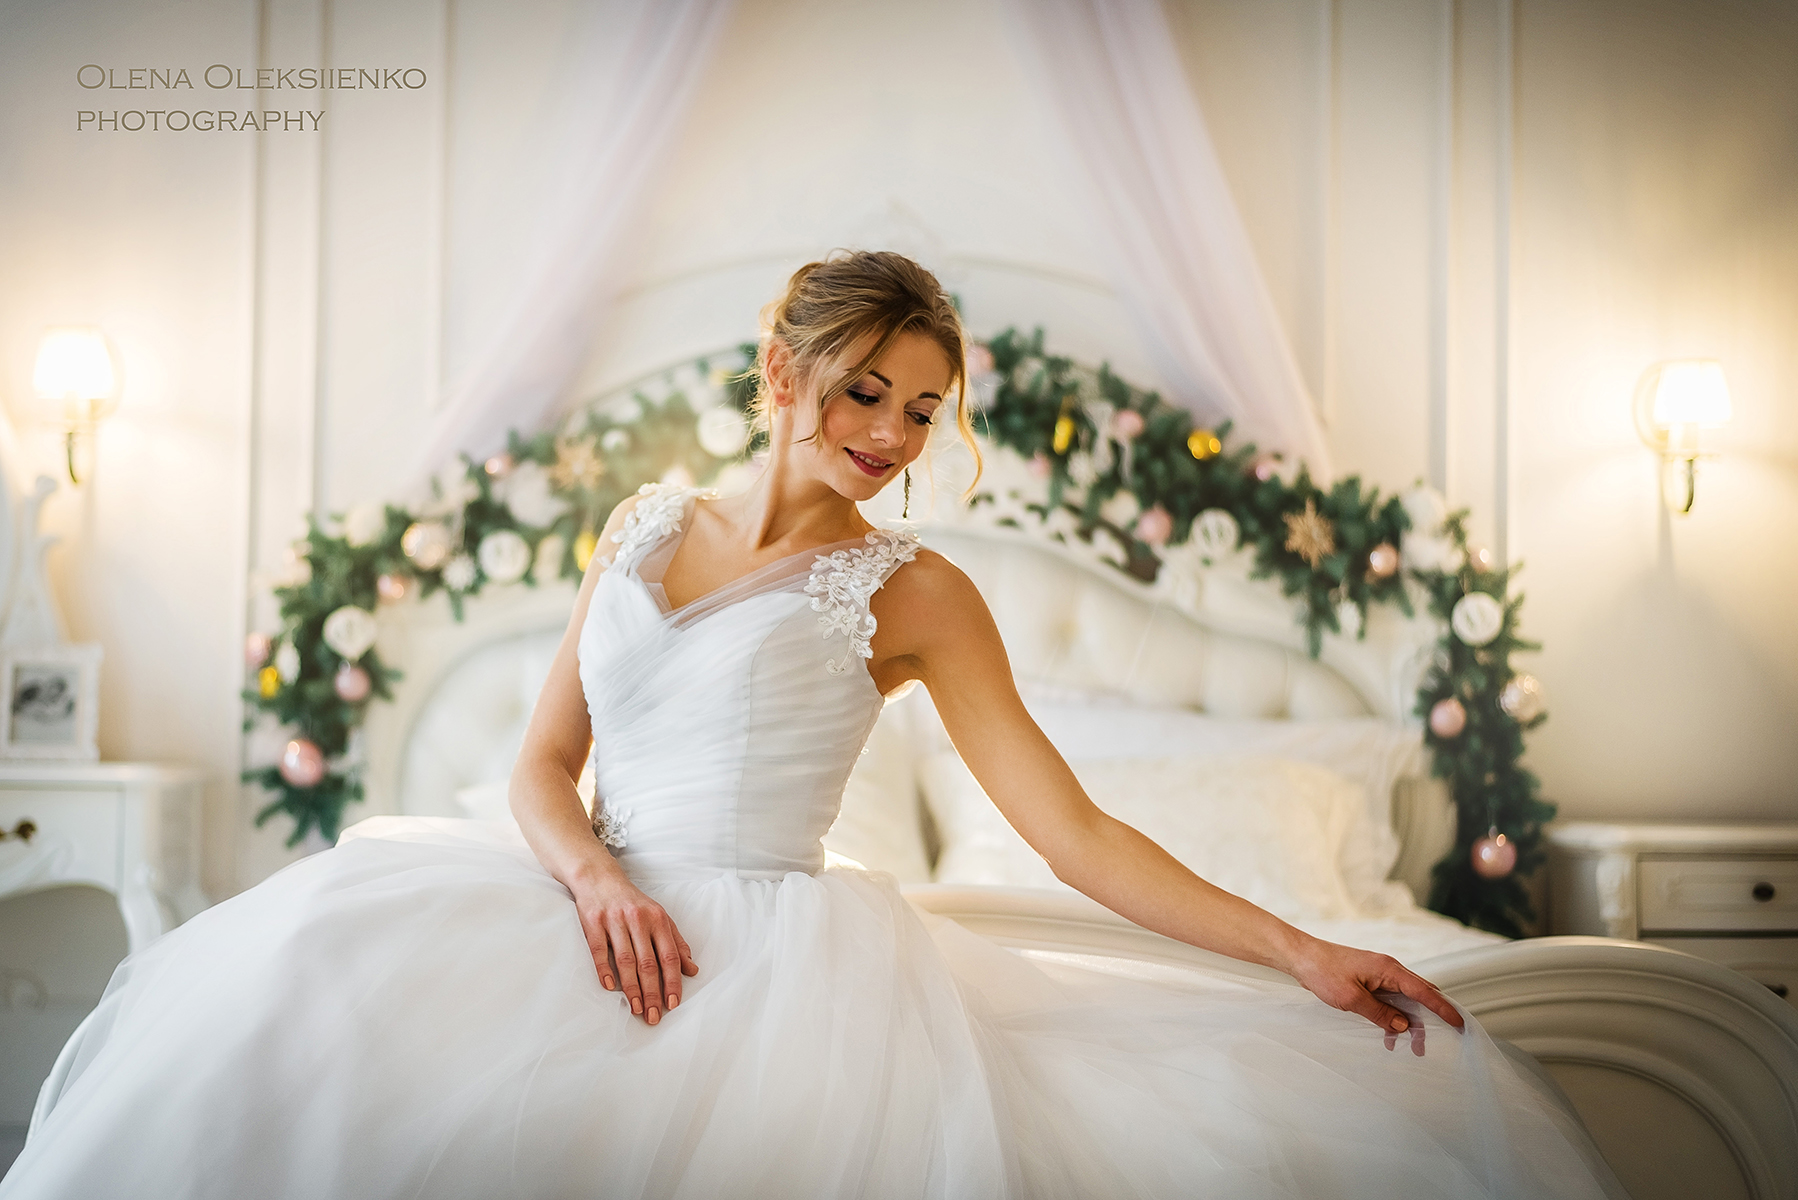 Прокат свадебных платьев киев недорого